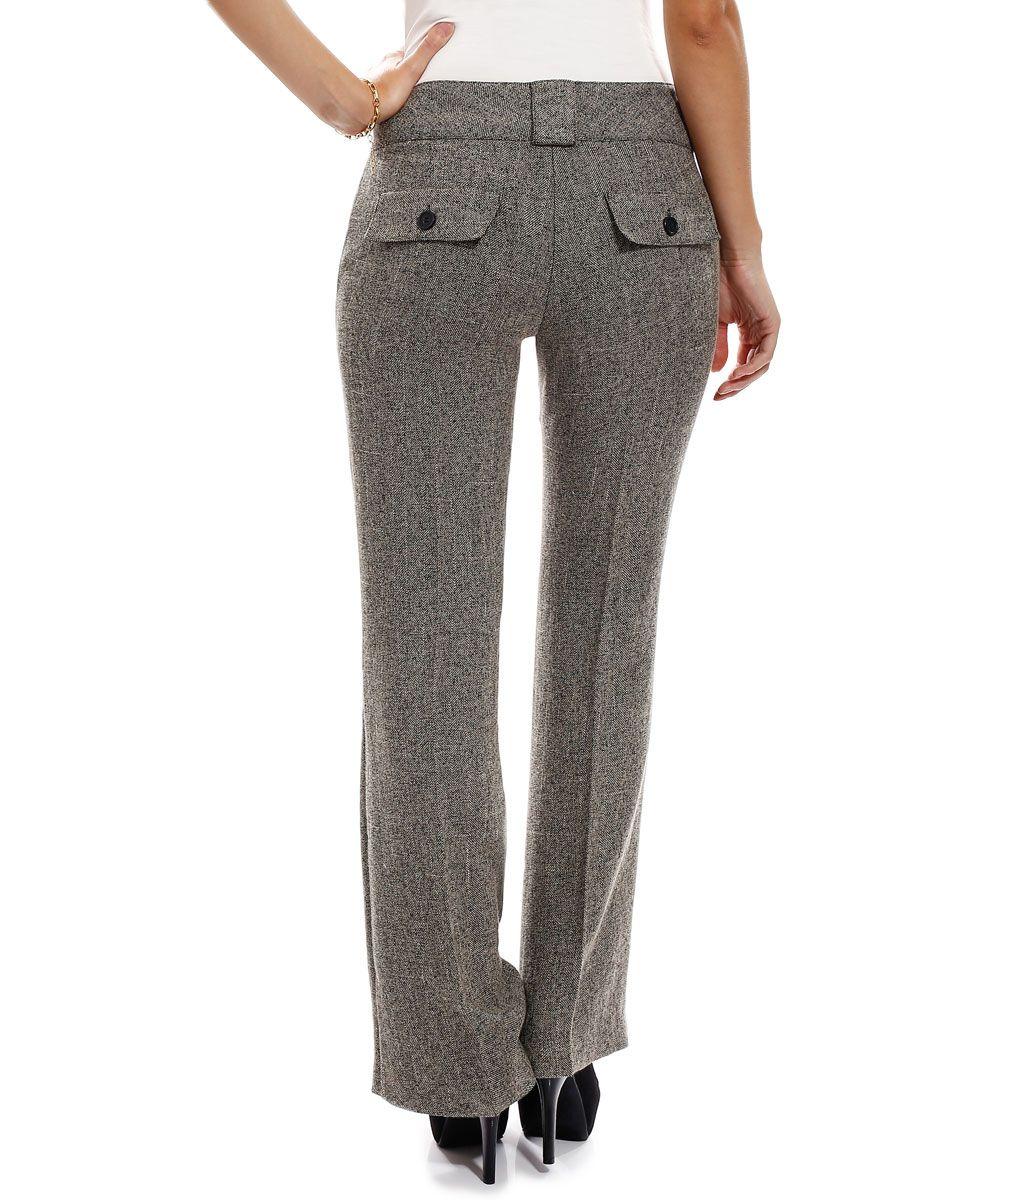 calças sociais femininas - Pesquisa Google